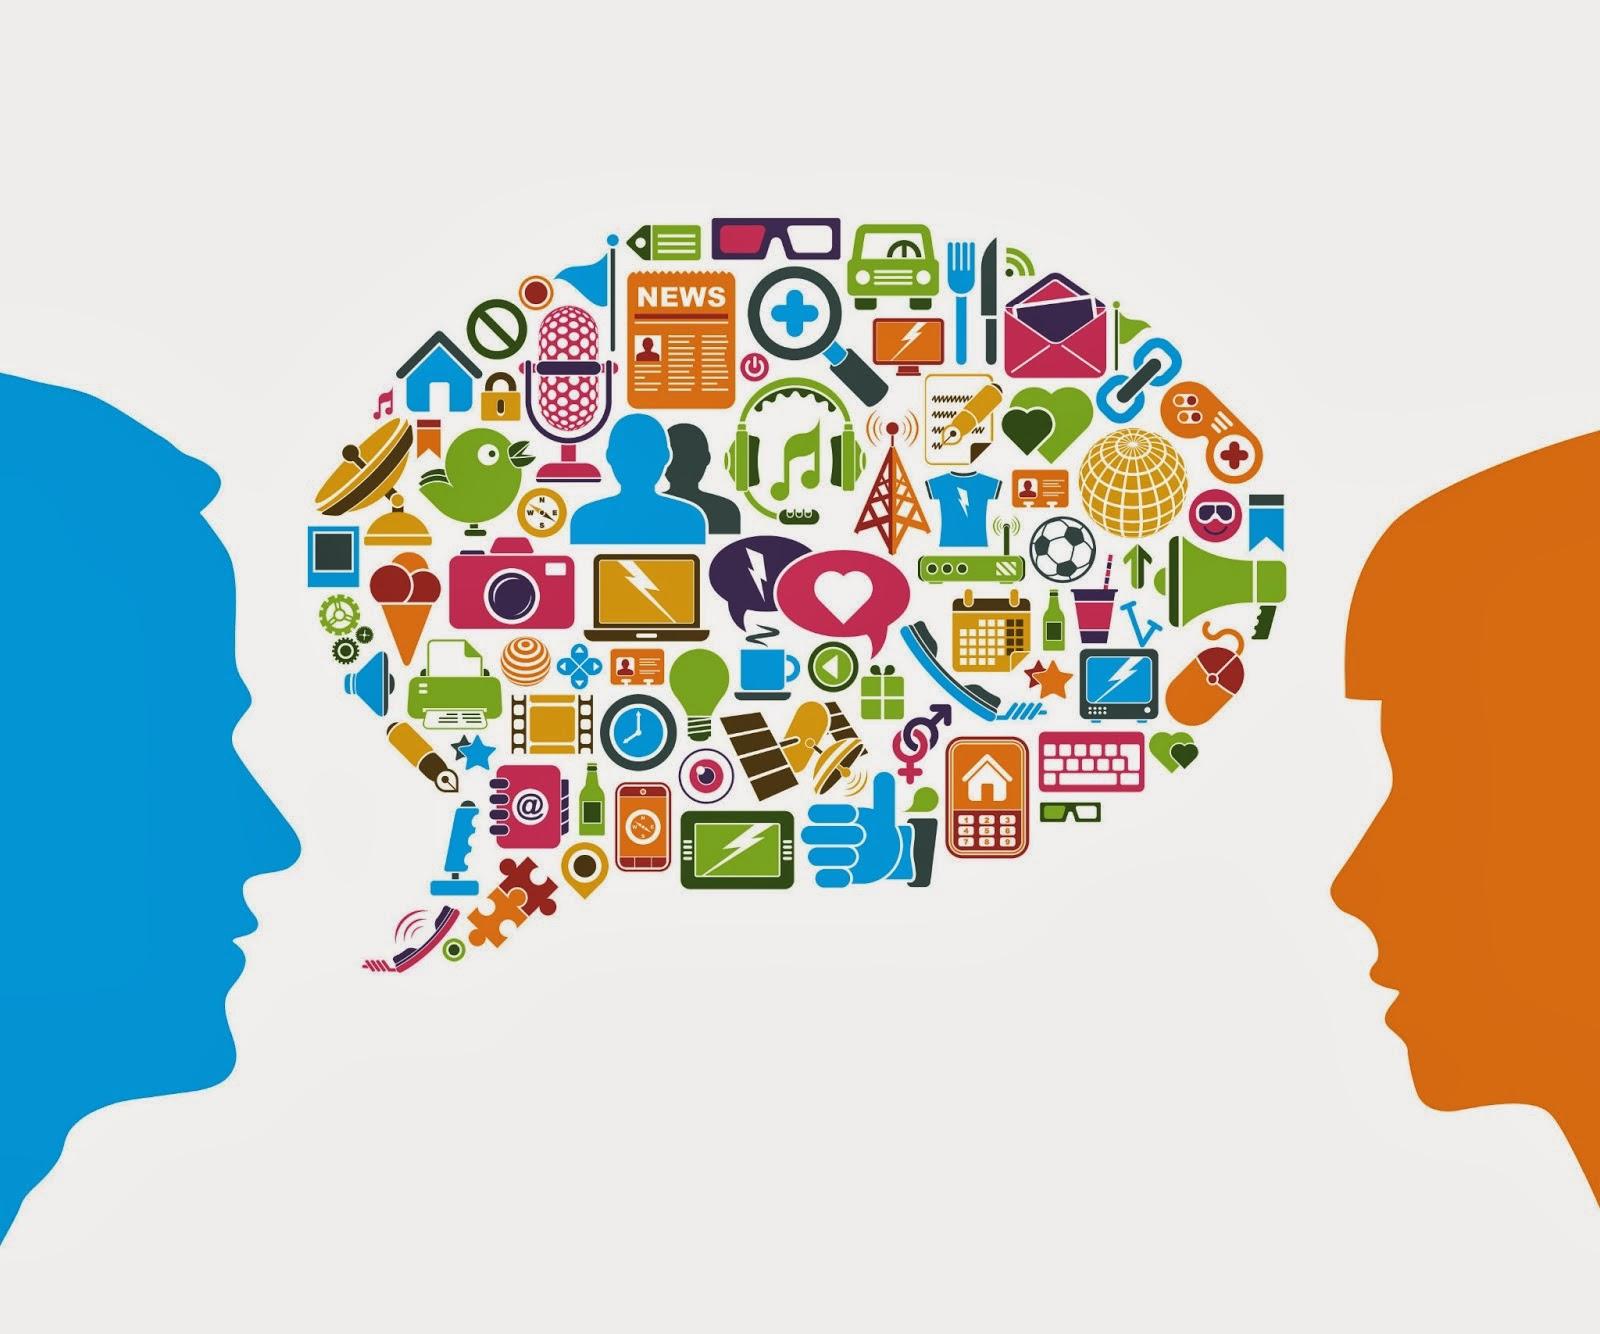 A Principal S Reflections Pillars Of Digital Leadership